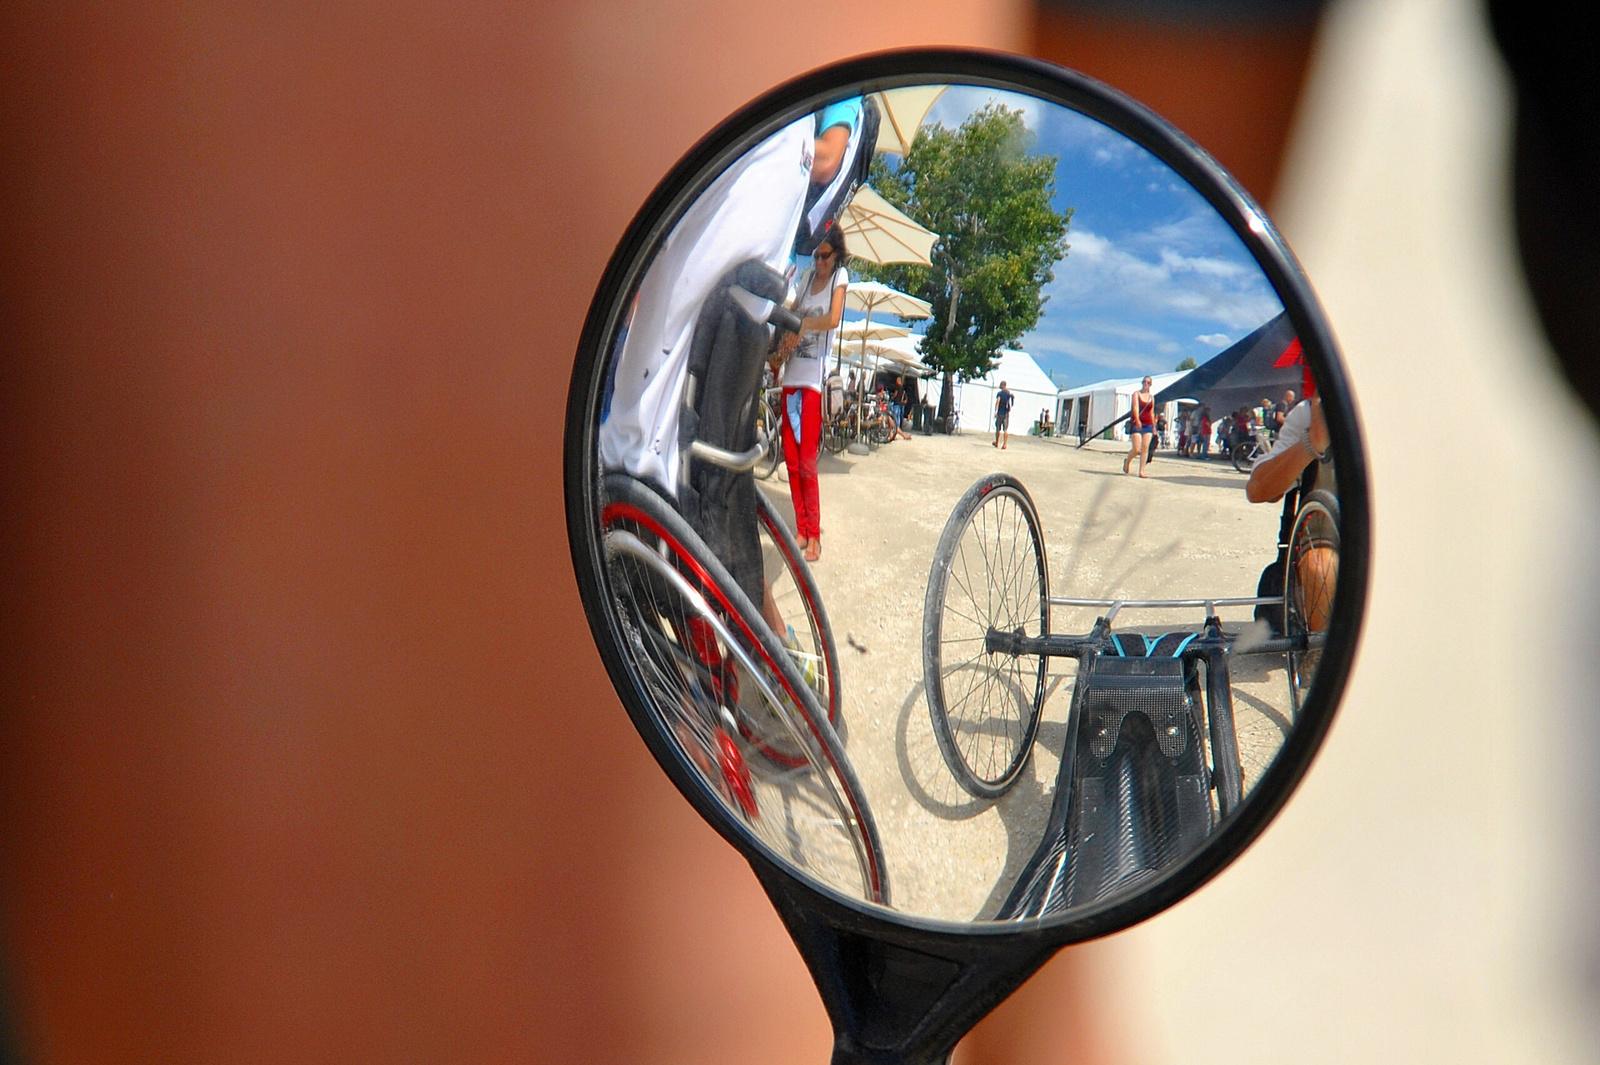 A kerékpár tartozéka